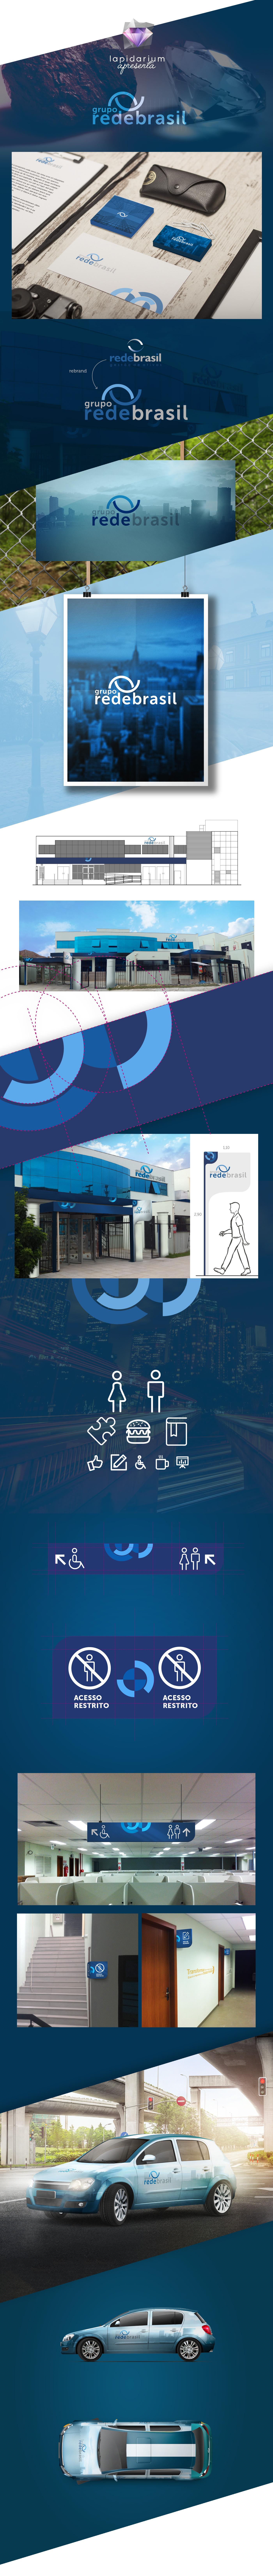 Signage,system,branding ,design,marca,rede brasil,brand,logo,lapidarium